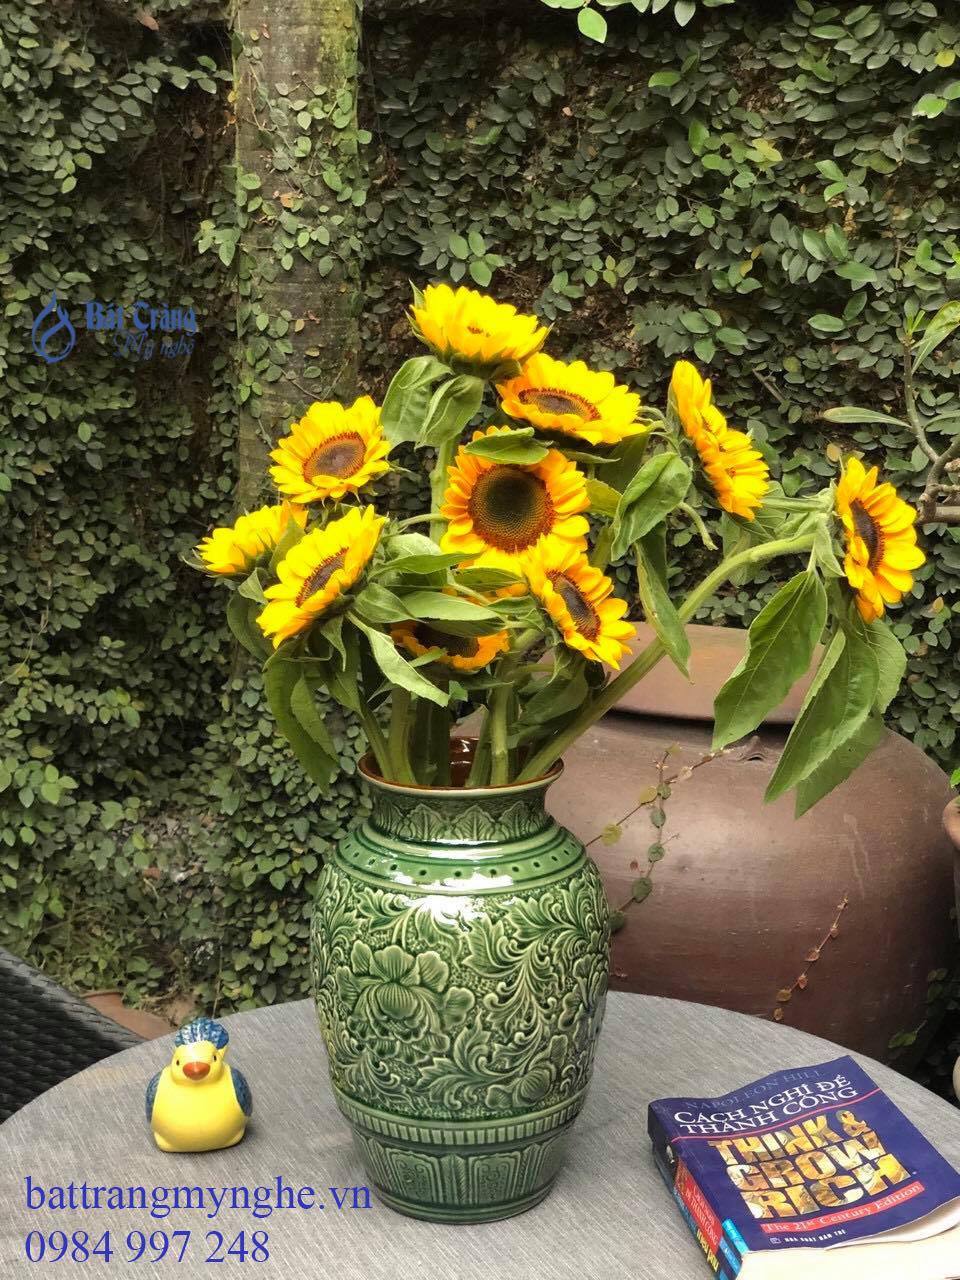 Lọ hoa vẽ tay men xanh cổ